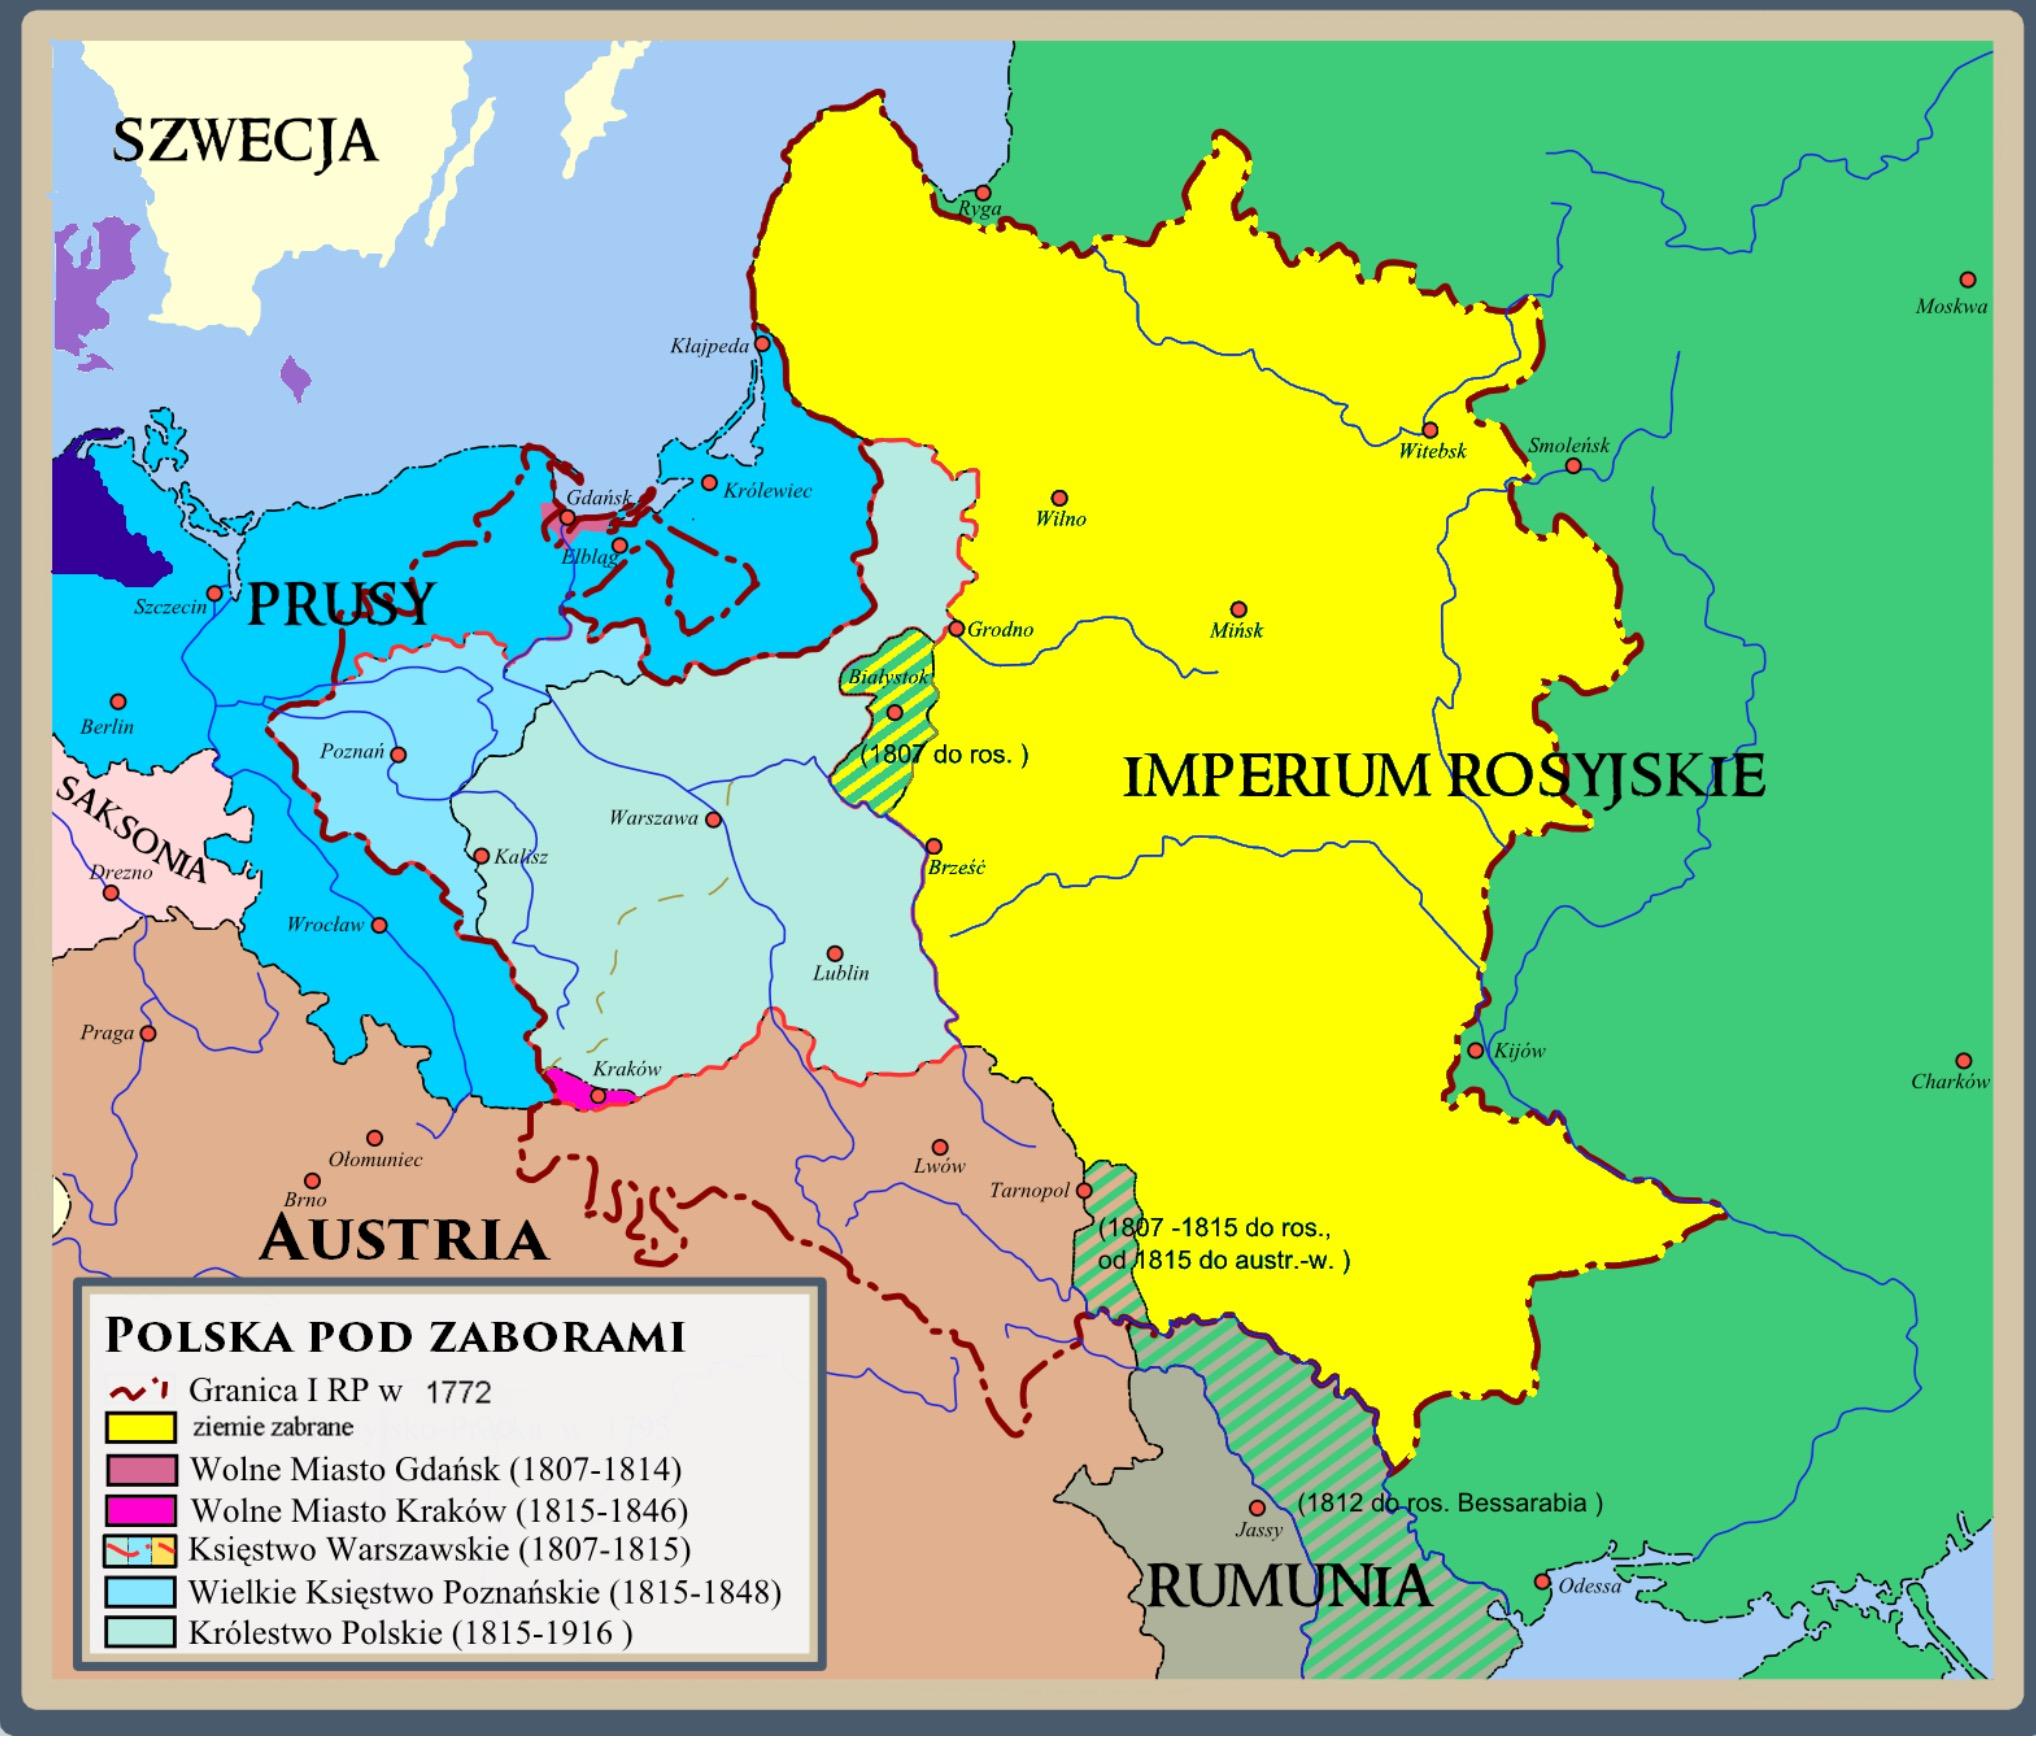 Ziemie Zabrane (Taken Lands, Stolen Lands) Imperial Russia theft of